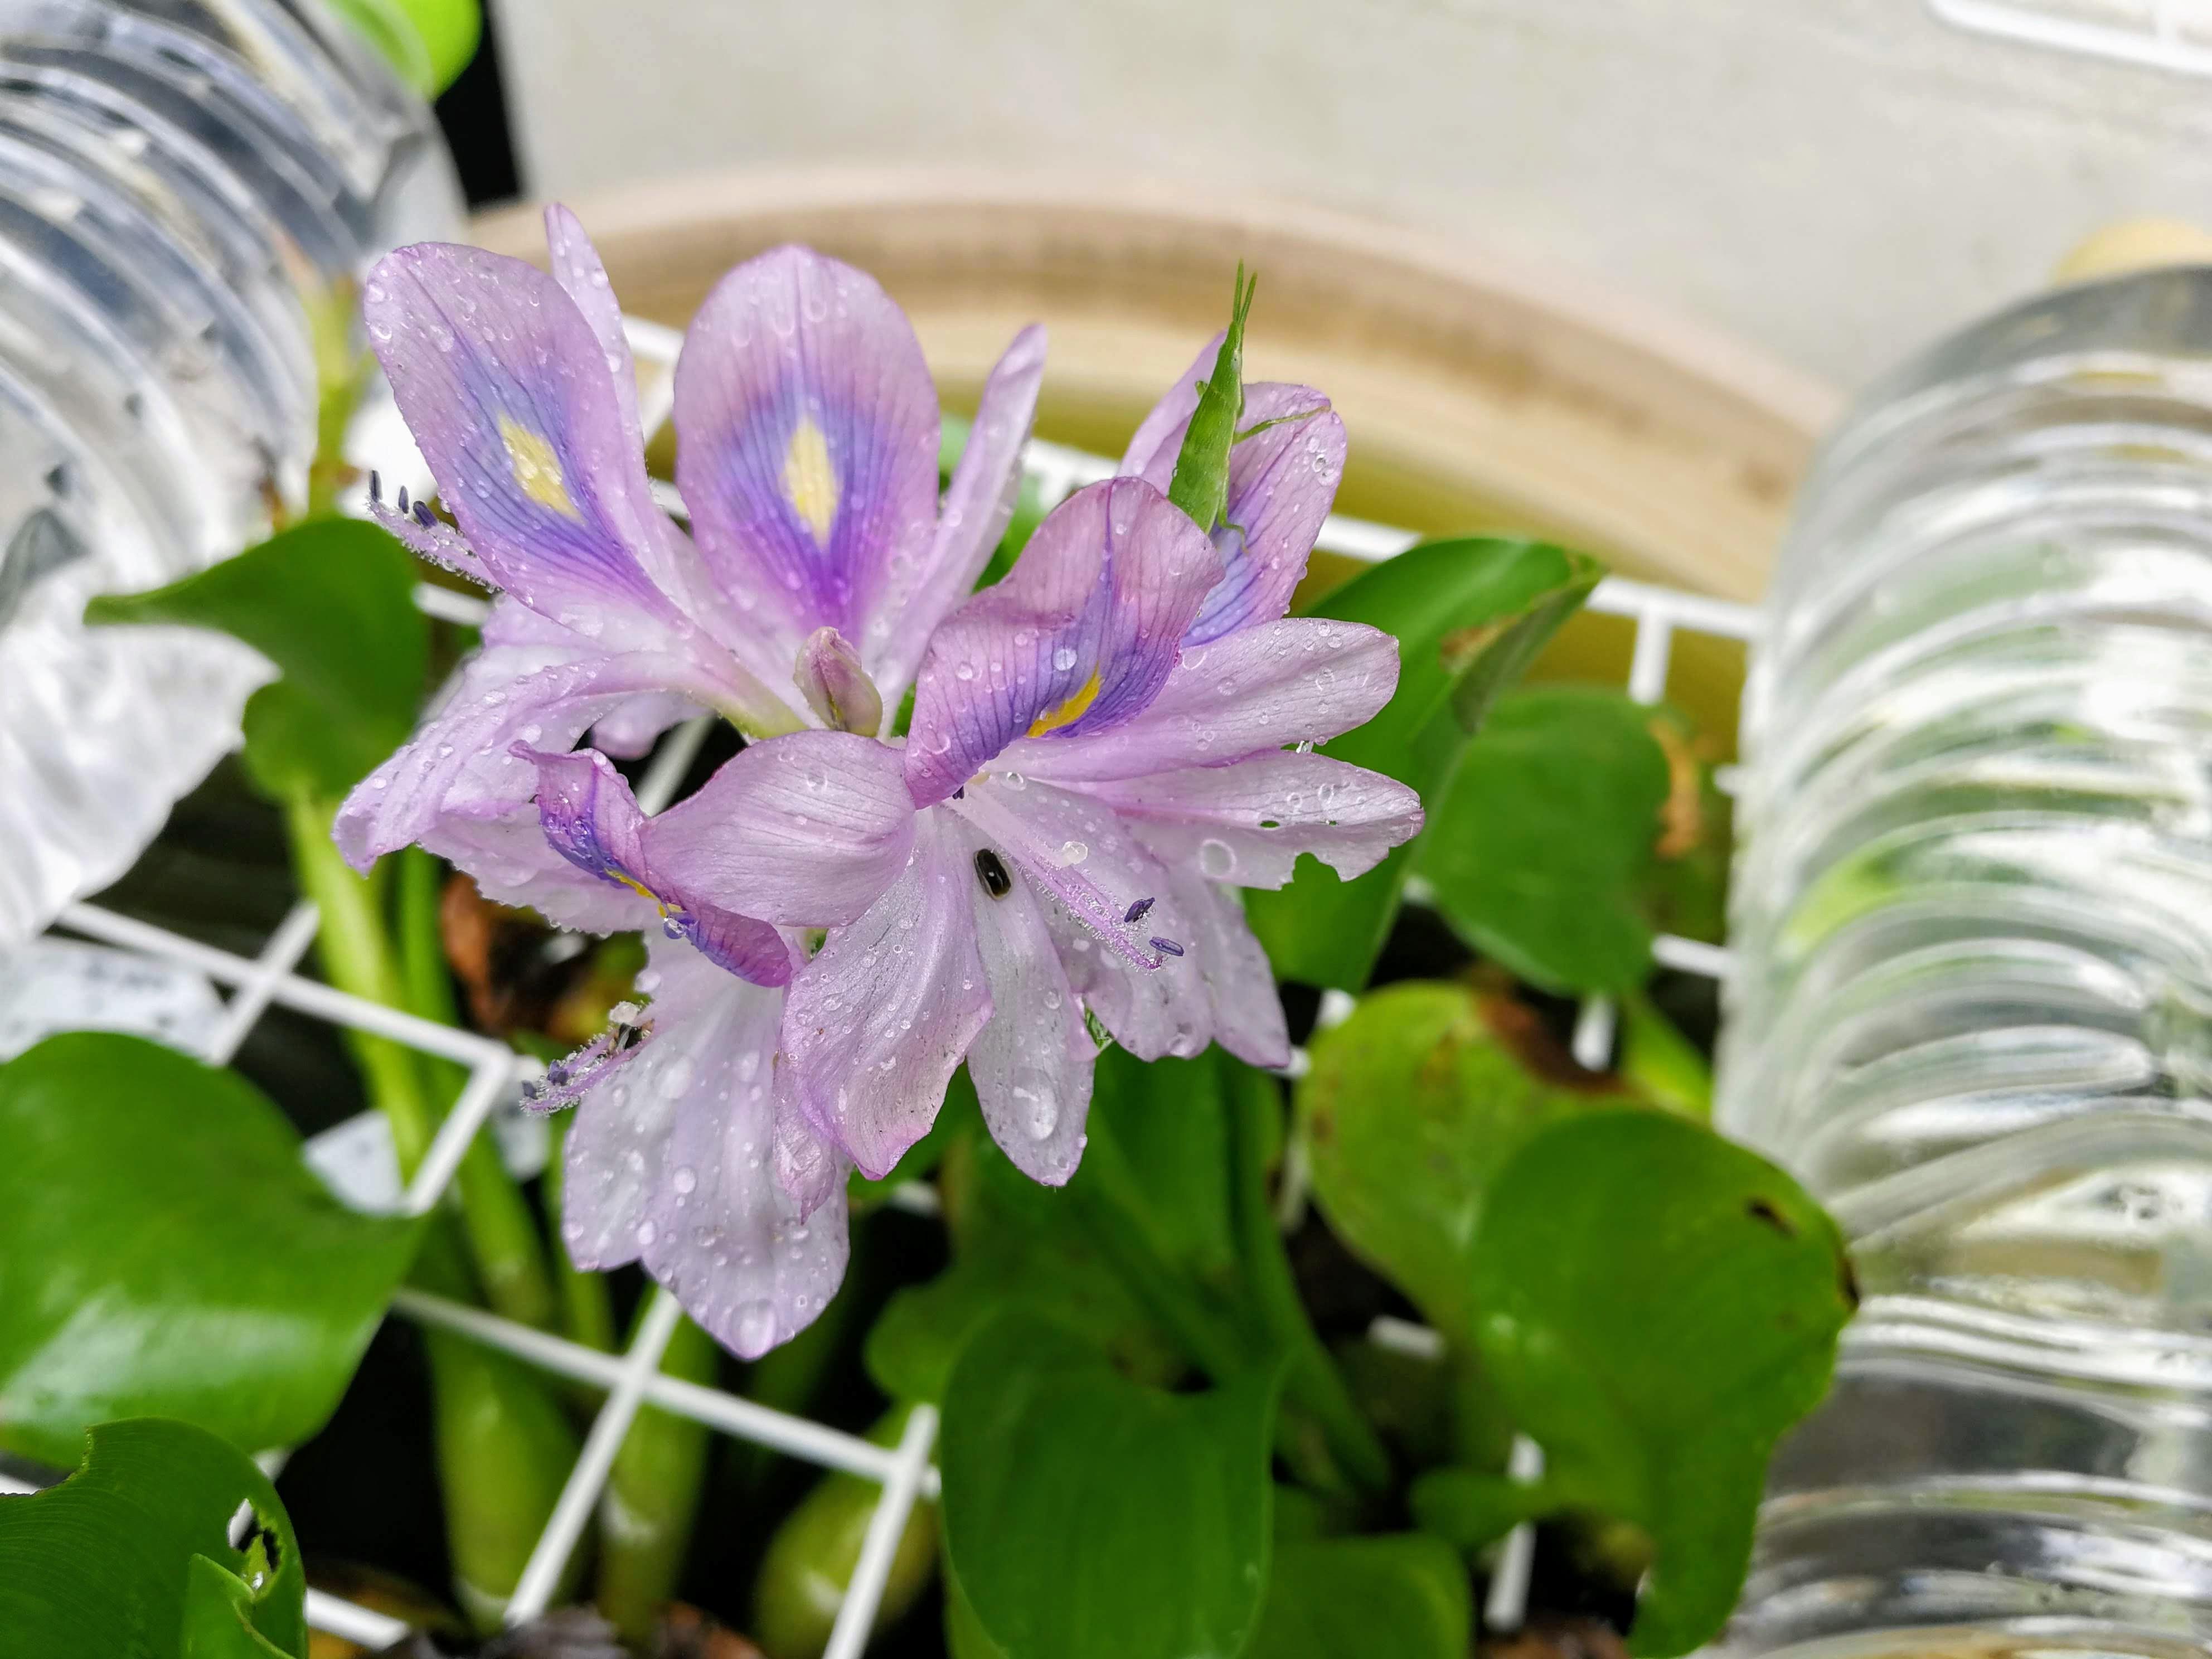 薄紫の花を咲かせたホテイアオイ